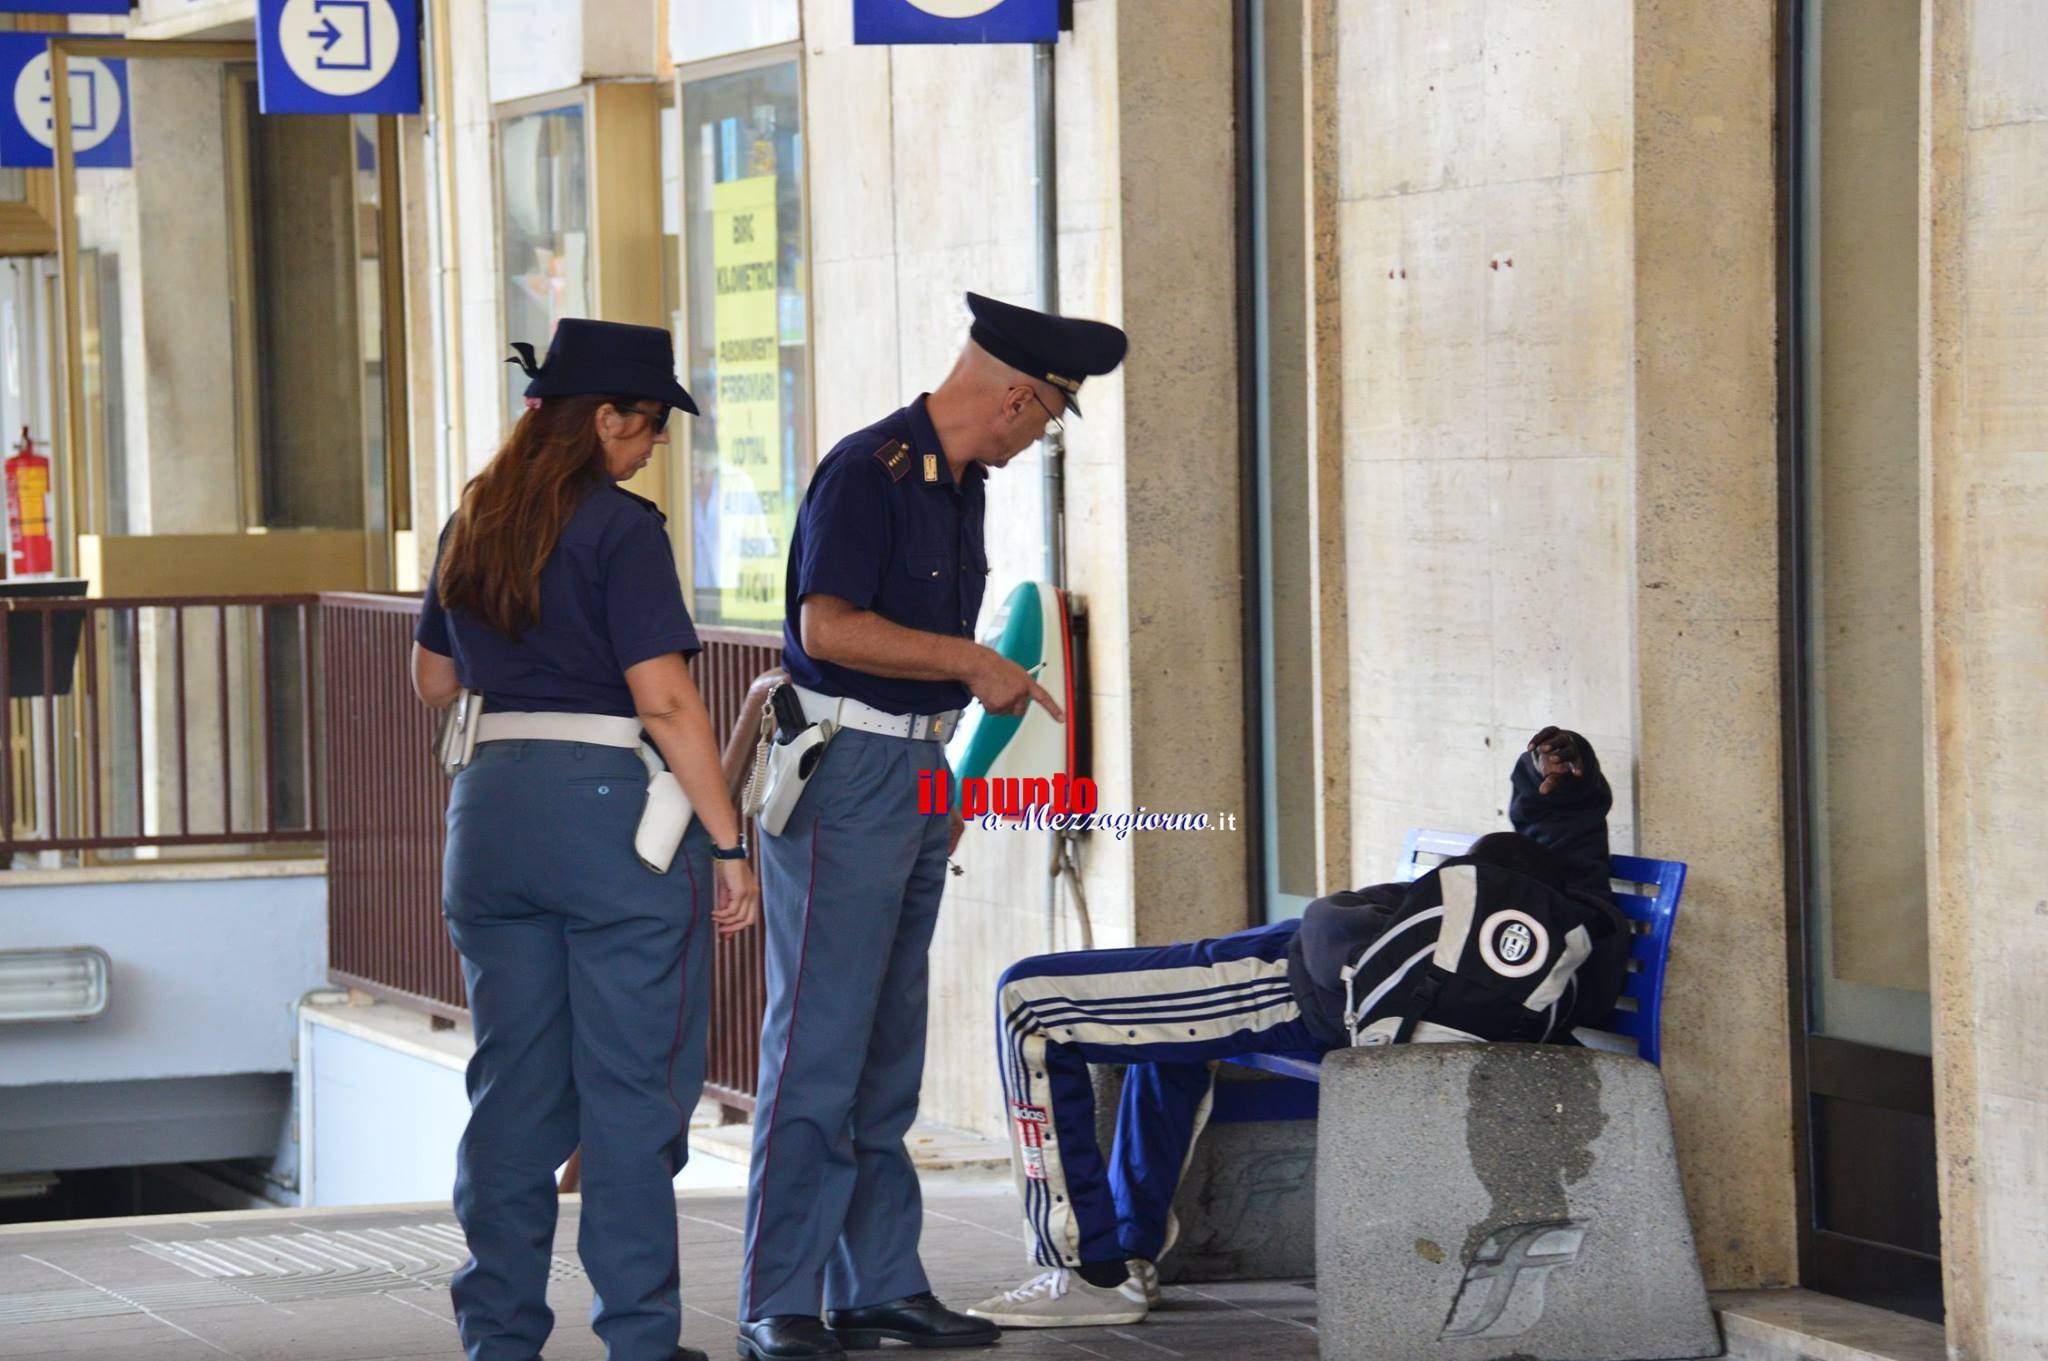 Straniero sul treno a Cassino senza biglietto, si scaglia contro agenti